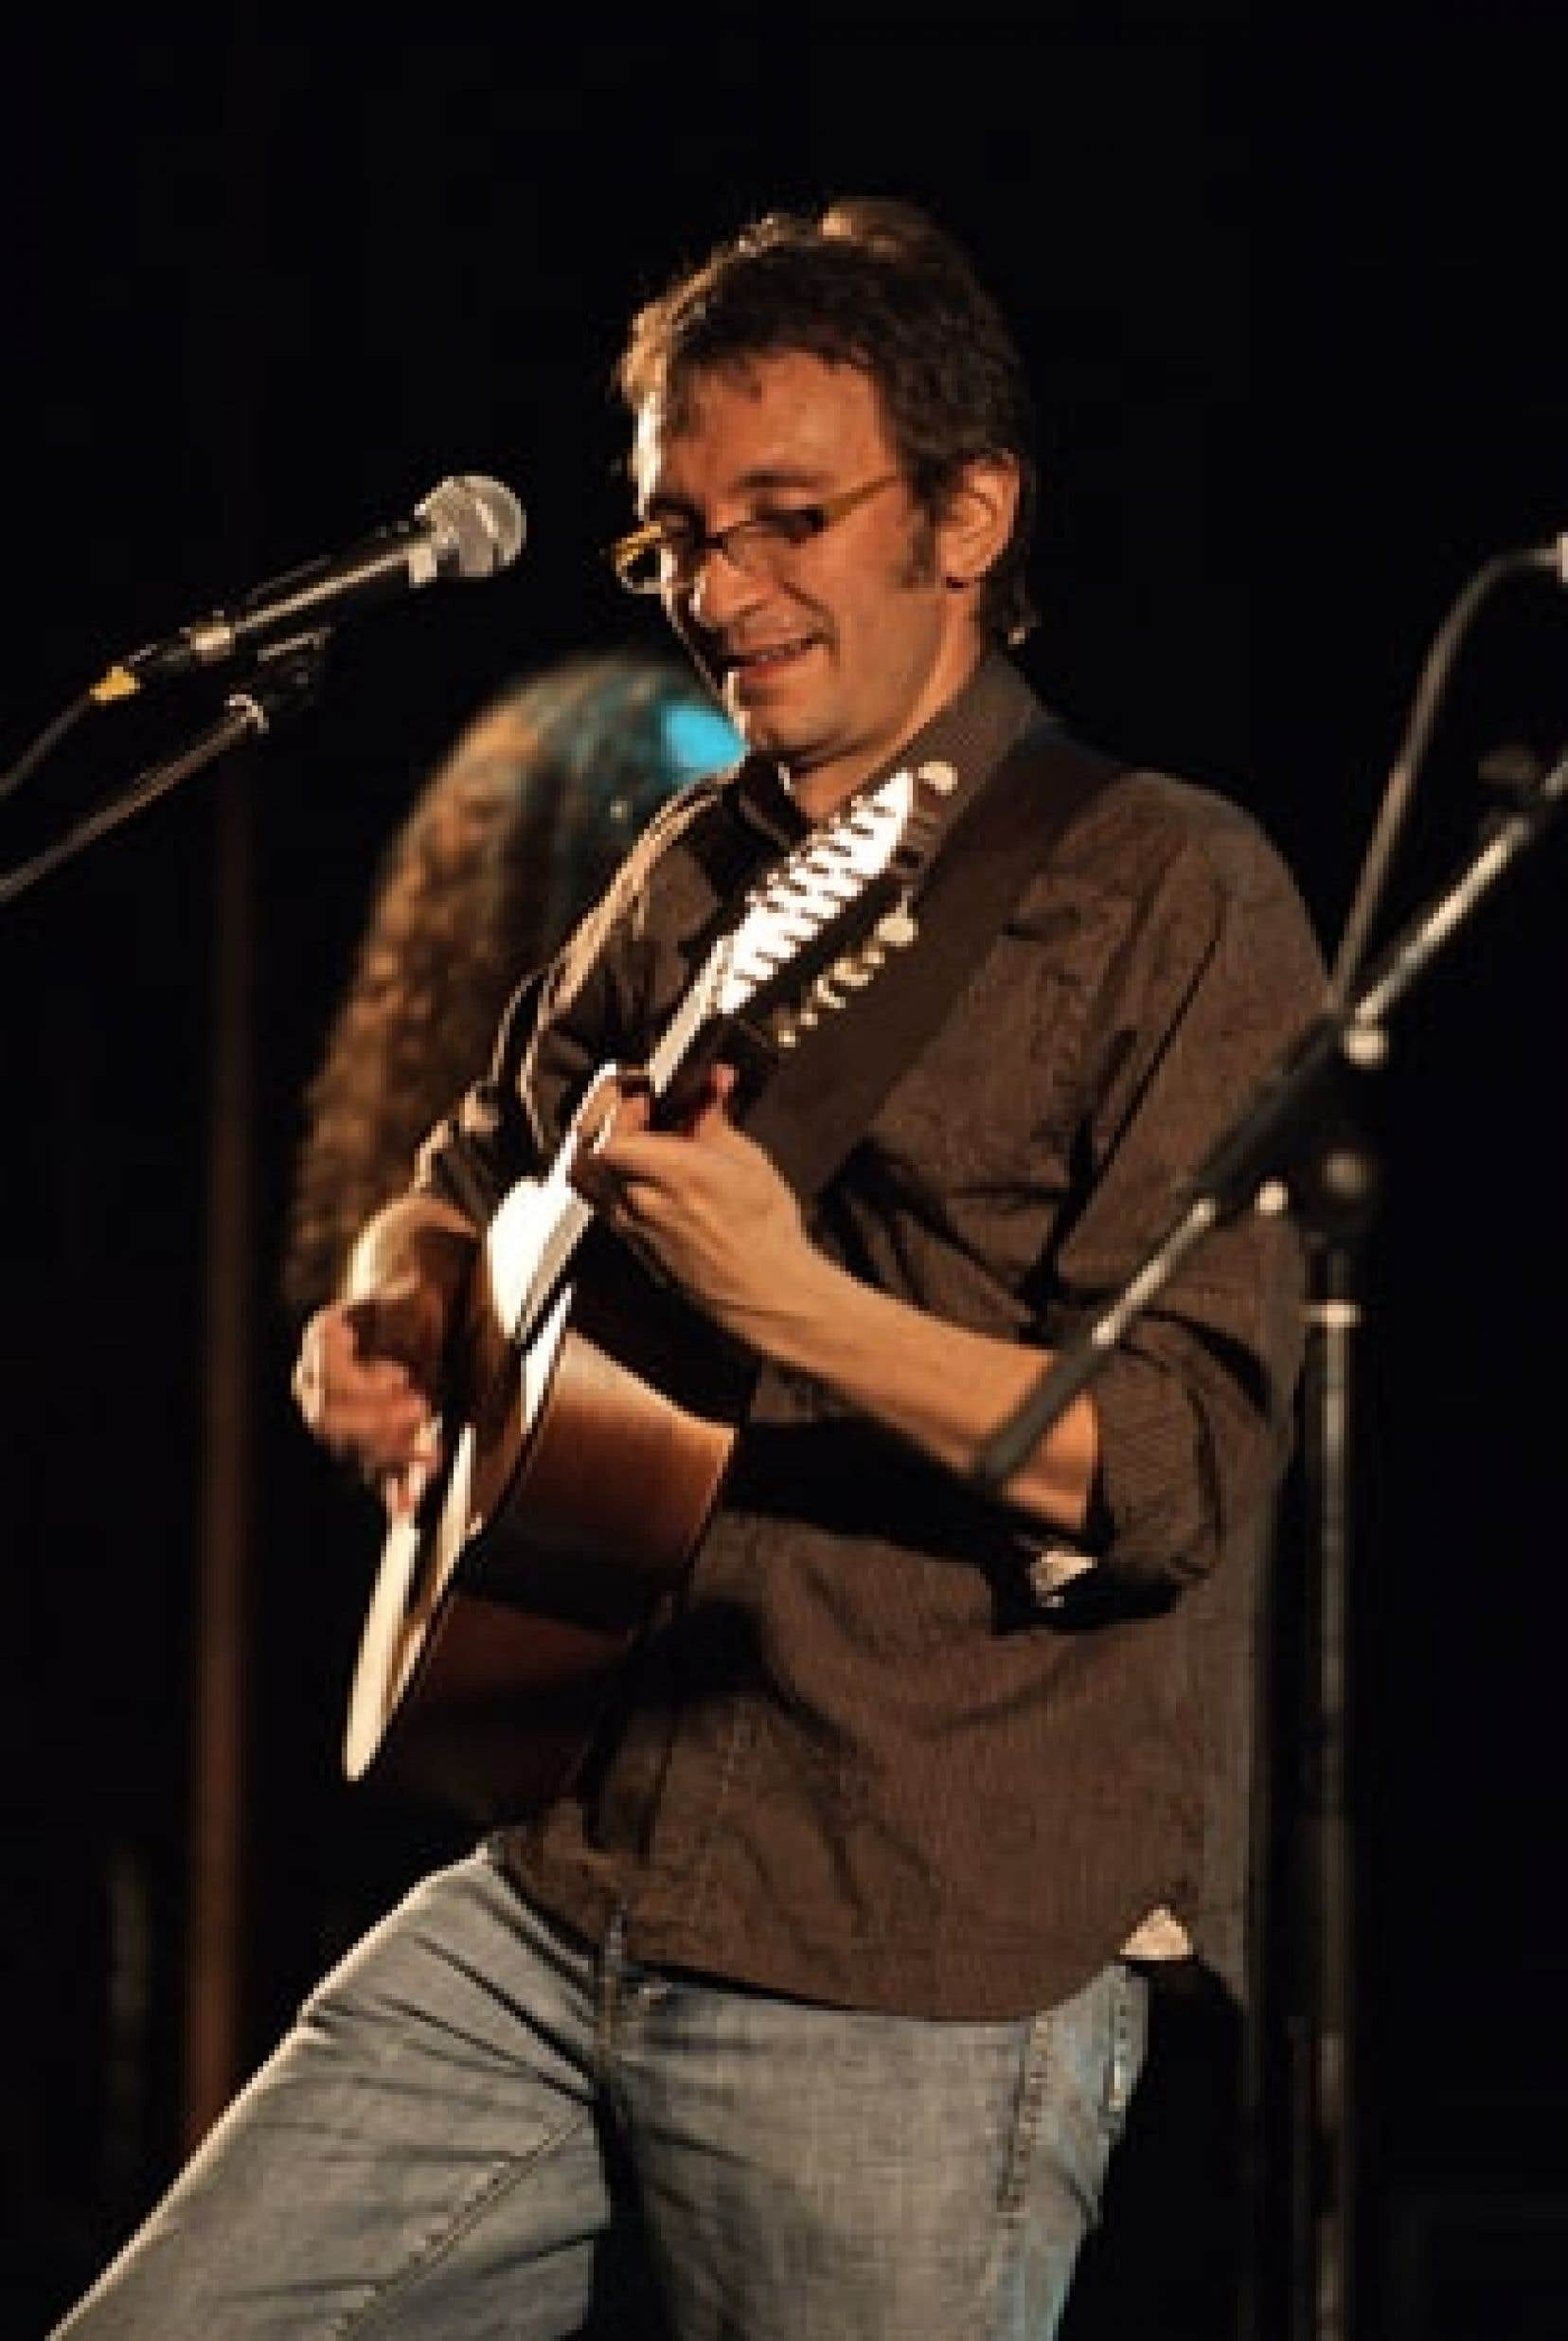 Roberto Lopez, un compositeur-arrangeur-multi-instrumentiste venu de Colombie, a été repéré en 2006 à la suite de la parution de Que pasa?. Photo: Thomasz Wilczynski